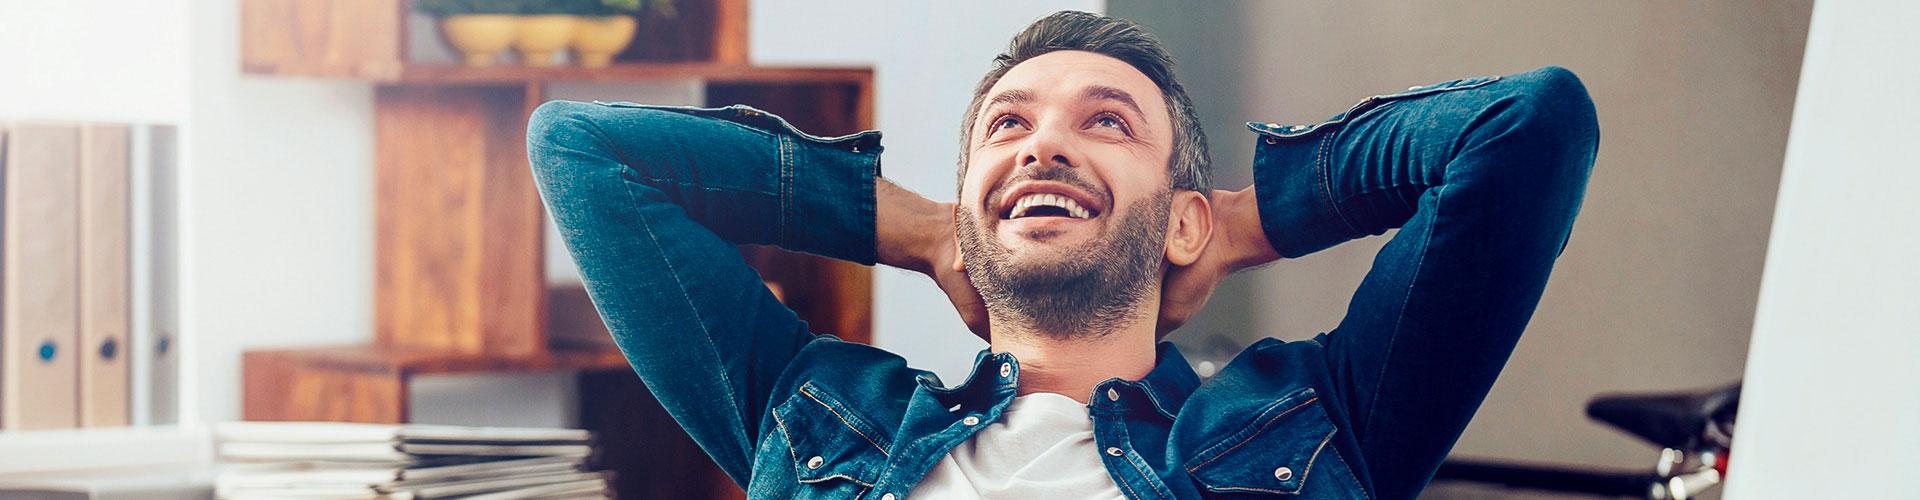 Mann entspannt zu Hause im Arbeitszimmer